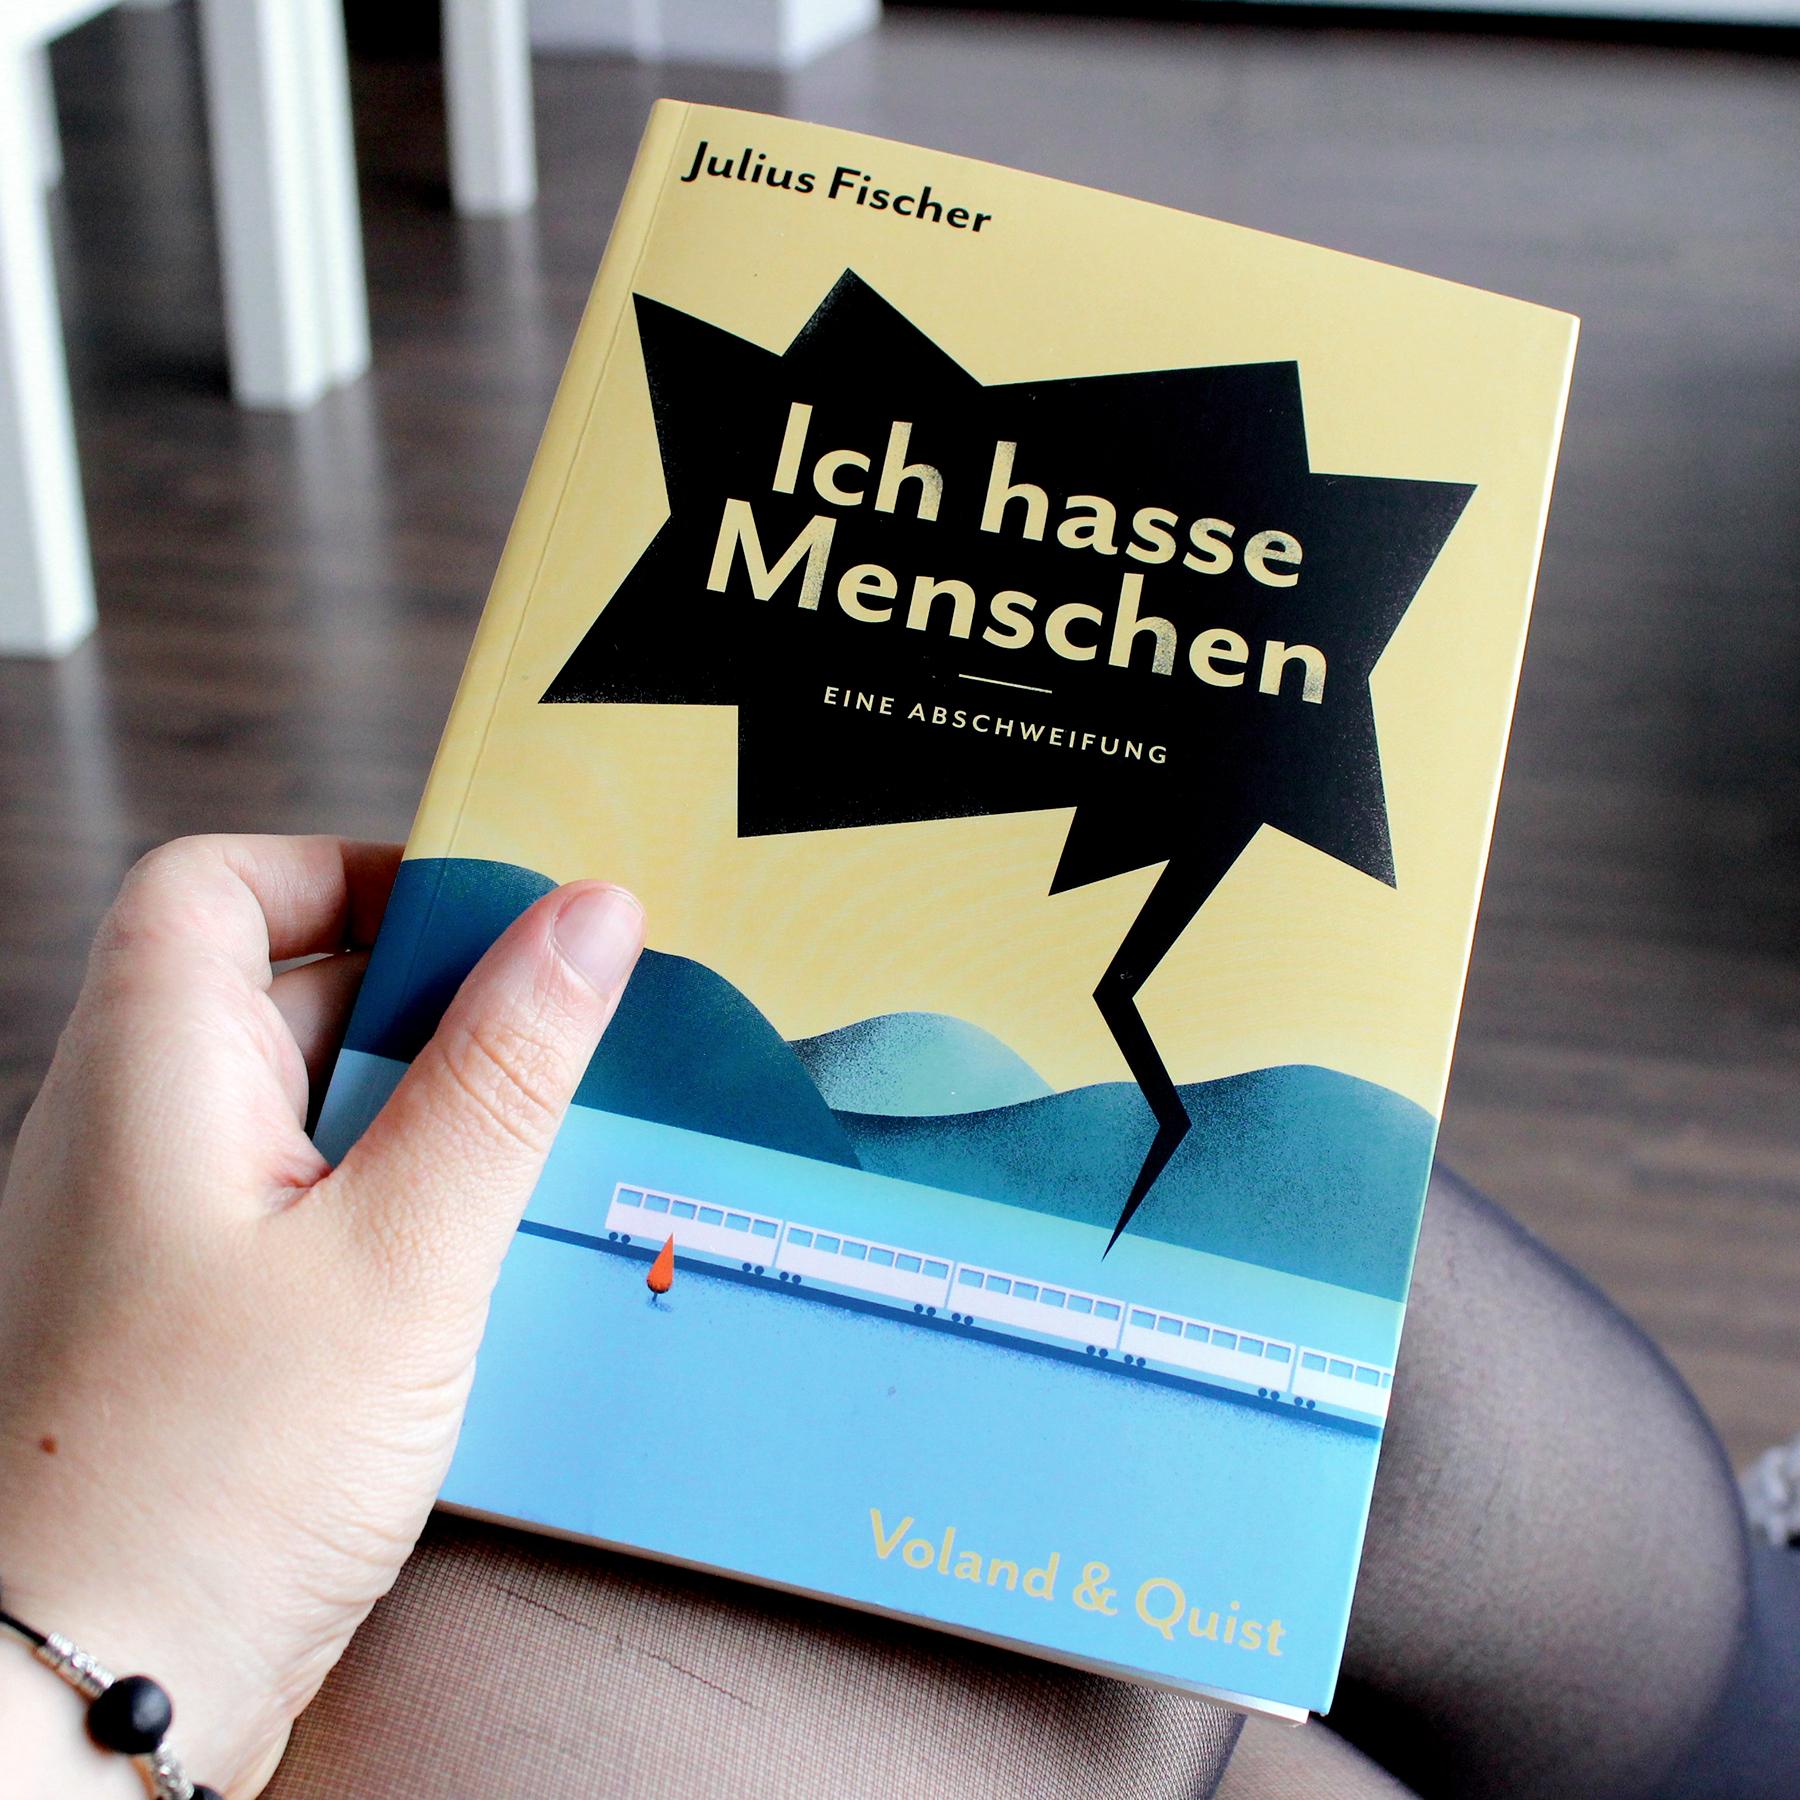 Julius Fischer Ich hasse Menschen Eine Abschweifung Buch Buchgeschenk